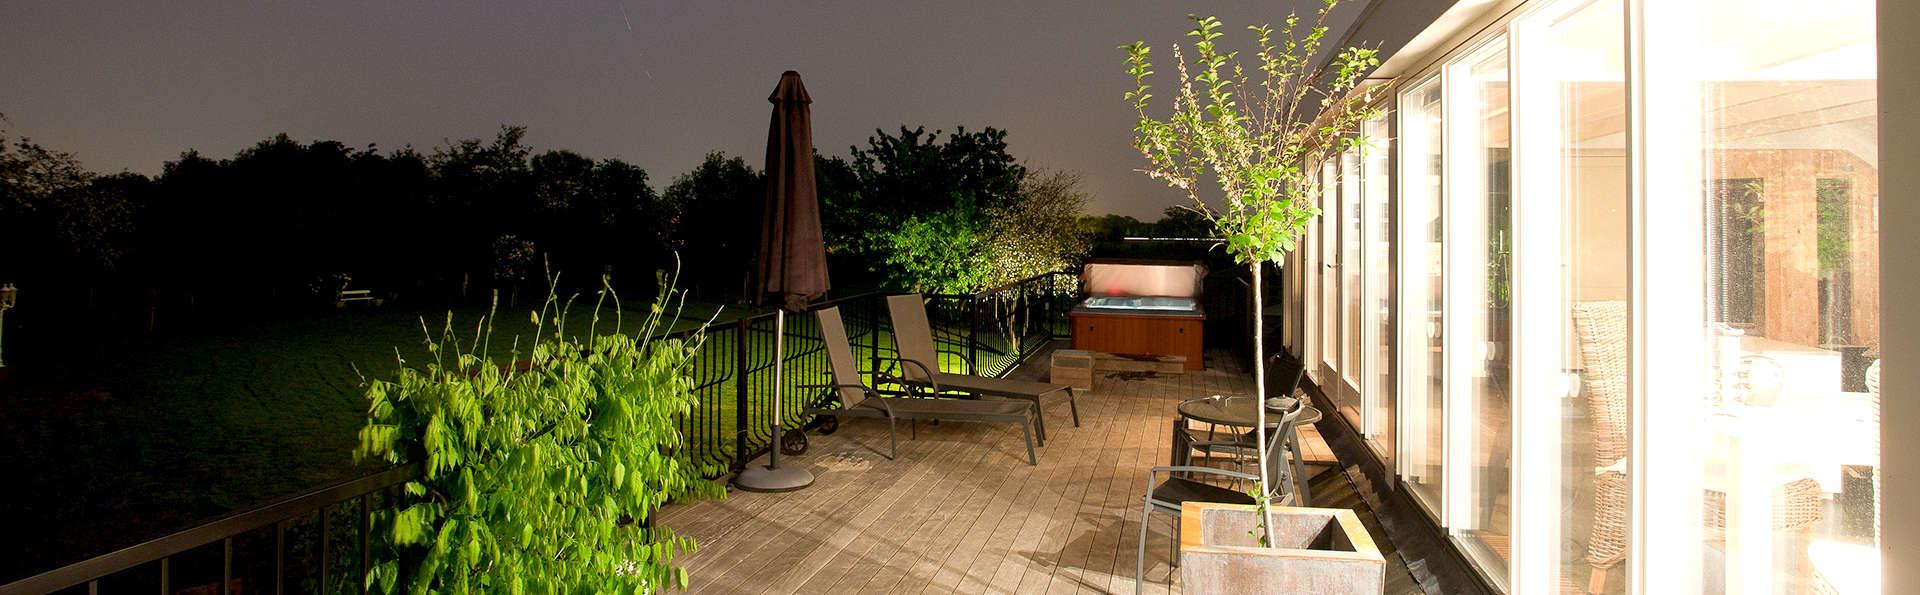 Profitez dans un penthouse avec jacuzzi privé et toit-terrasse.